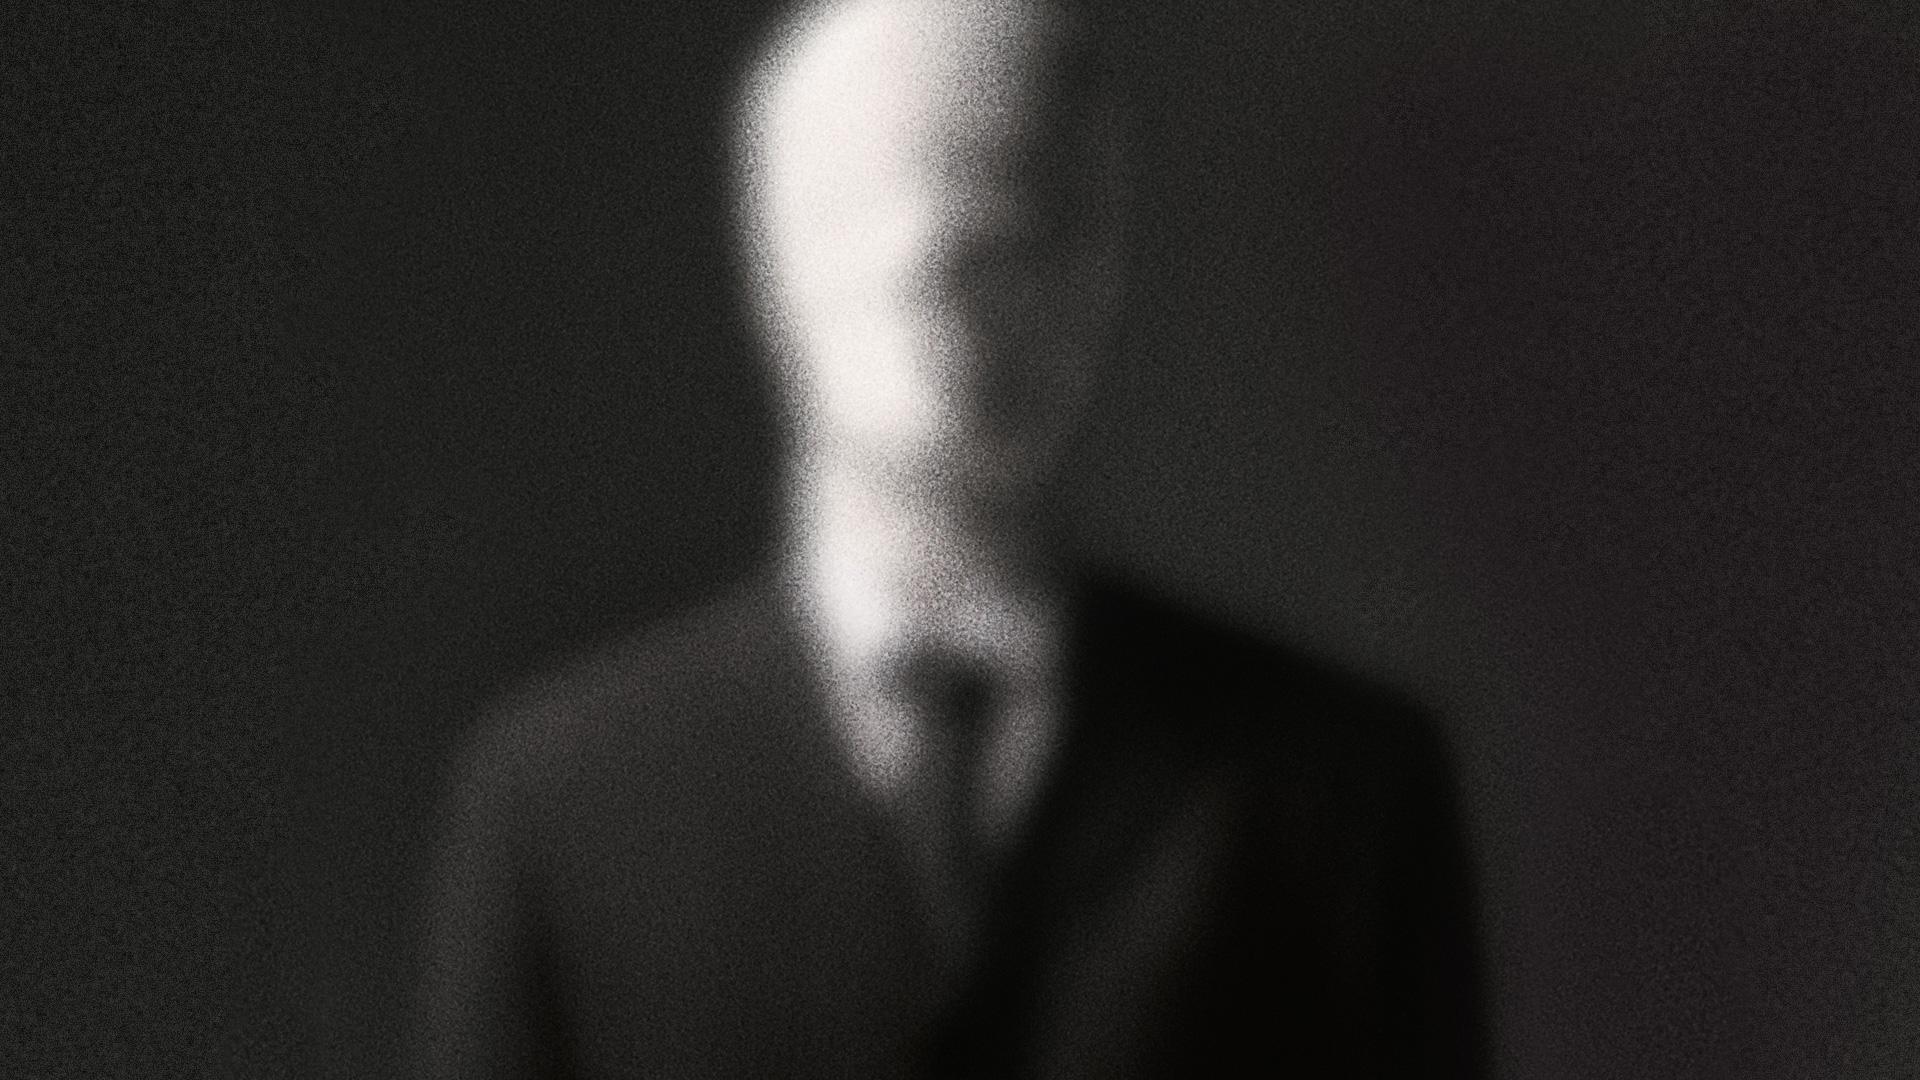 Slender Man Backgrounds on Wallpapers Vista